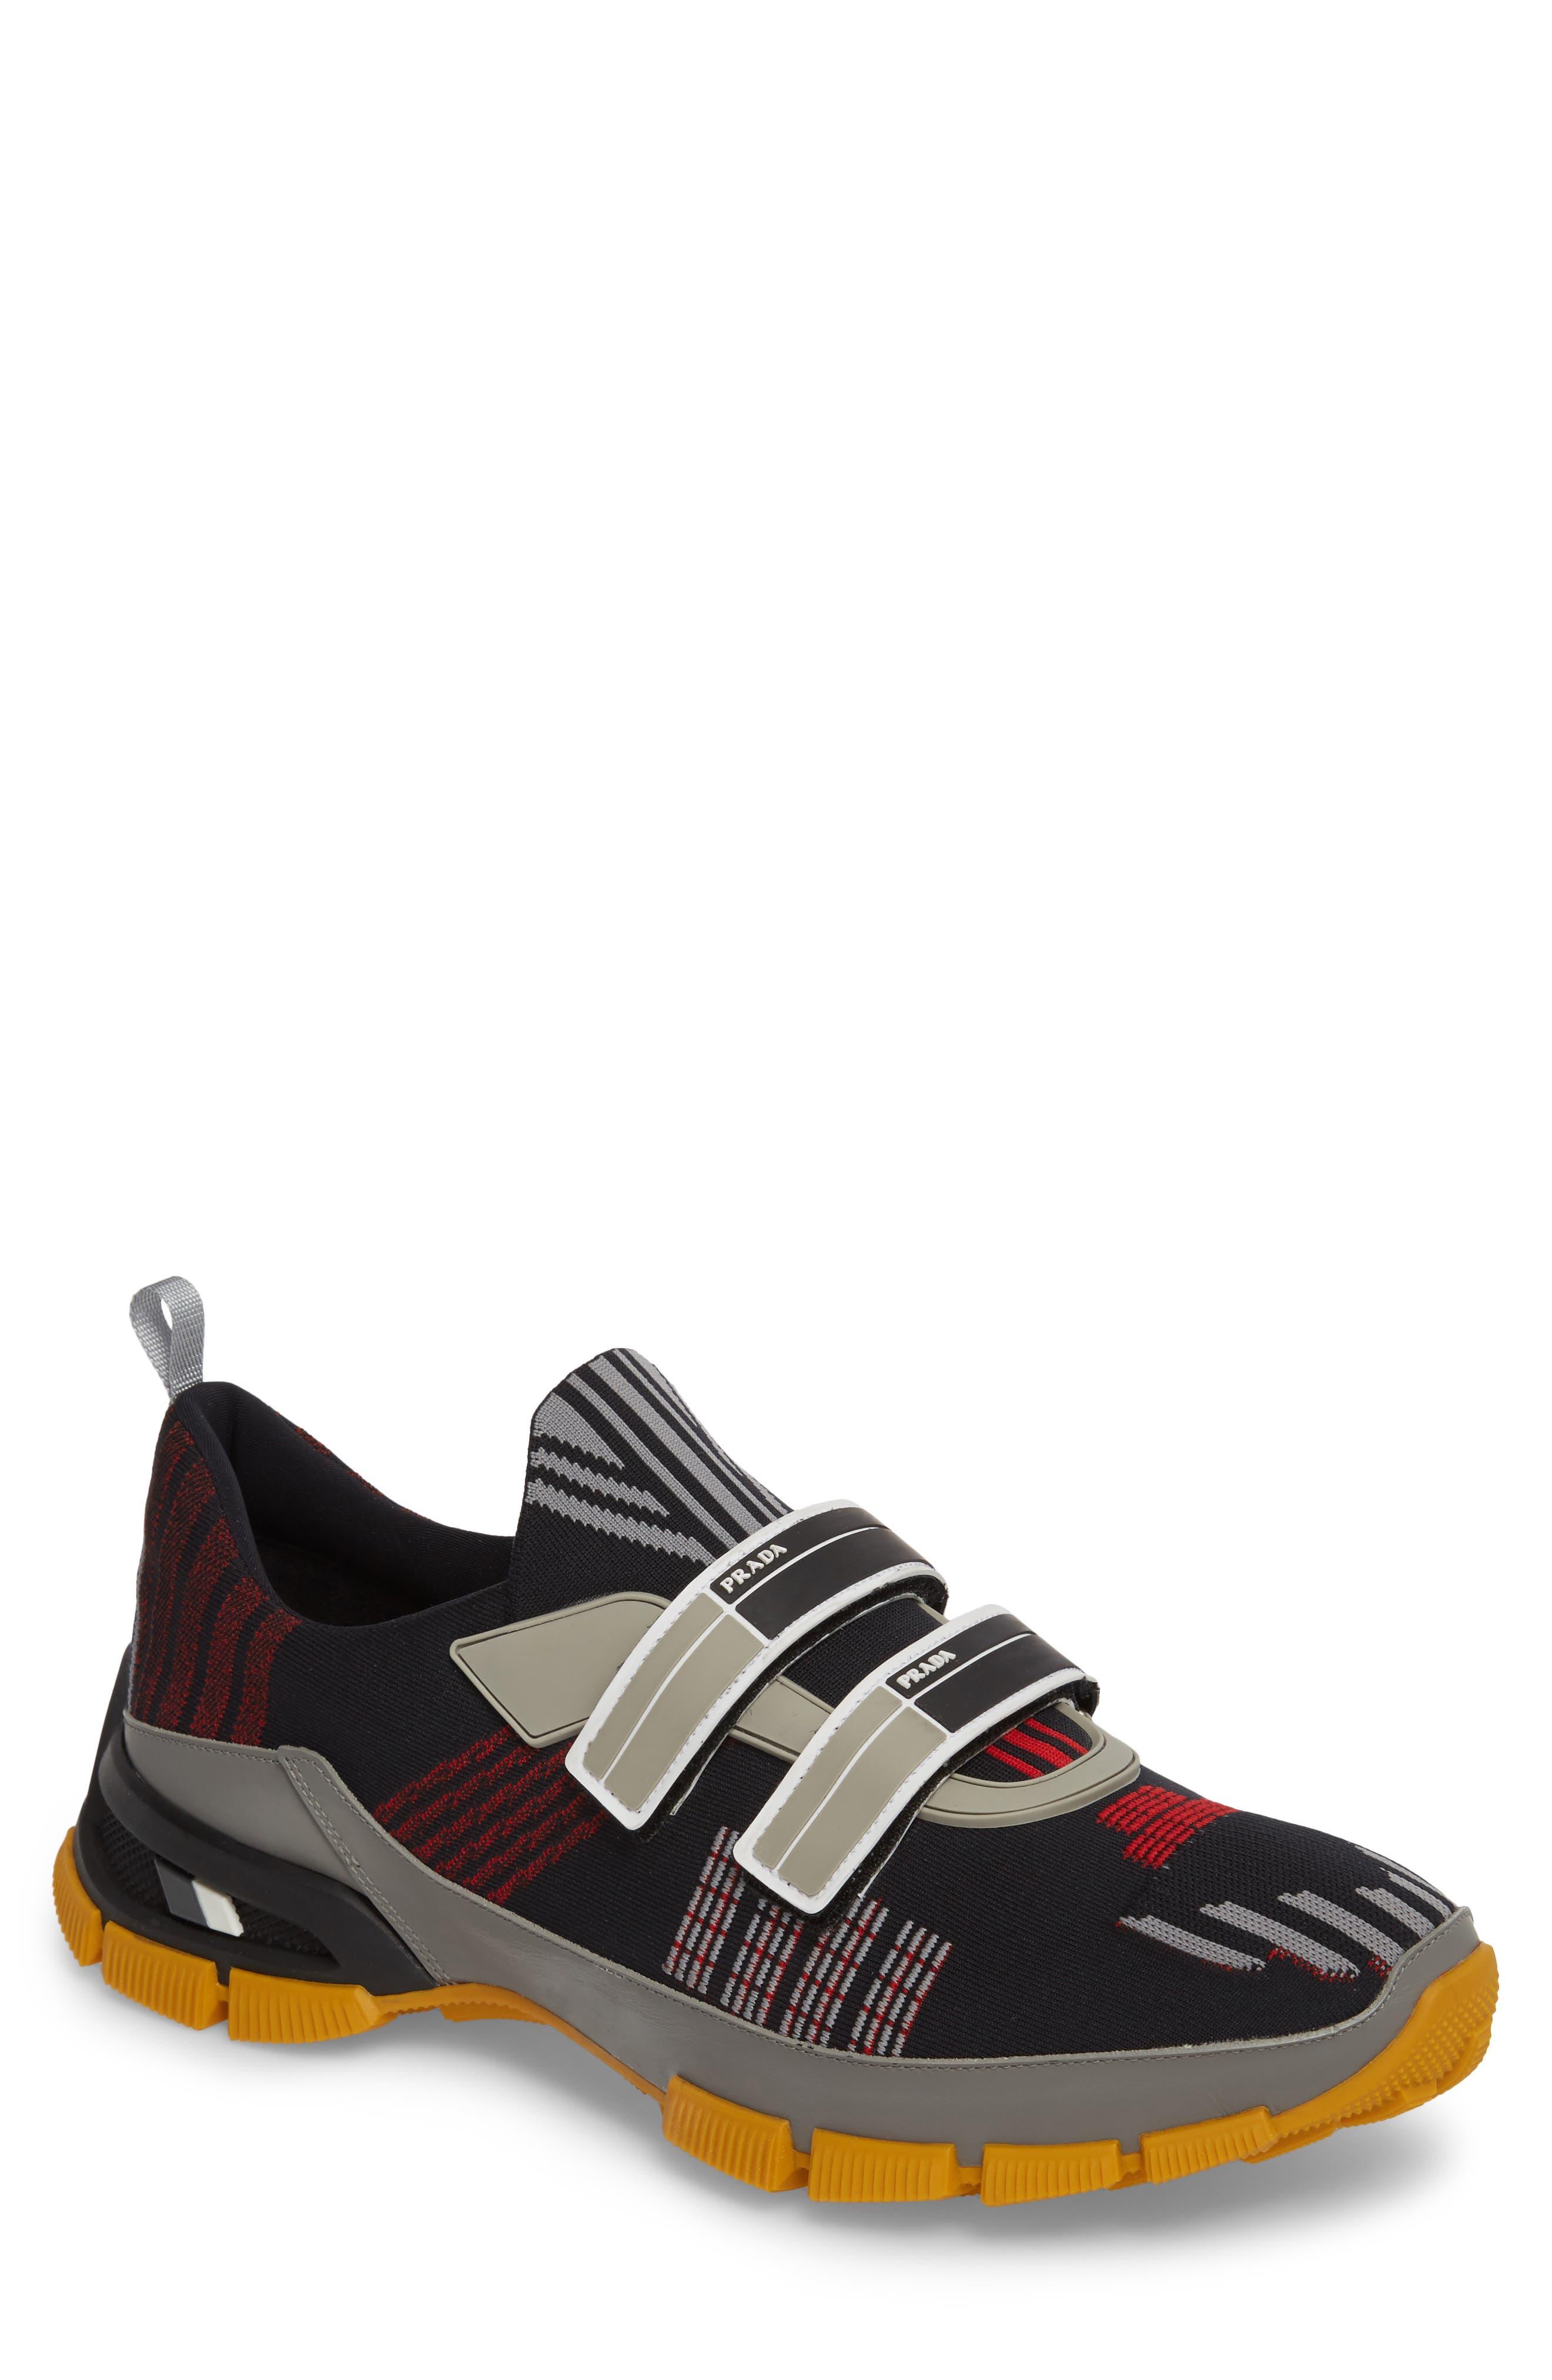 Linea Rossa Strap Sneaker,                         Main,                         color,